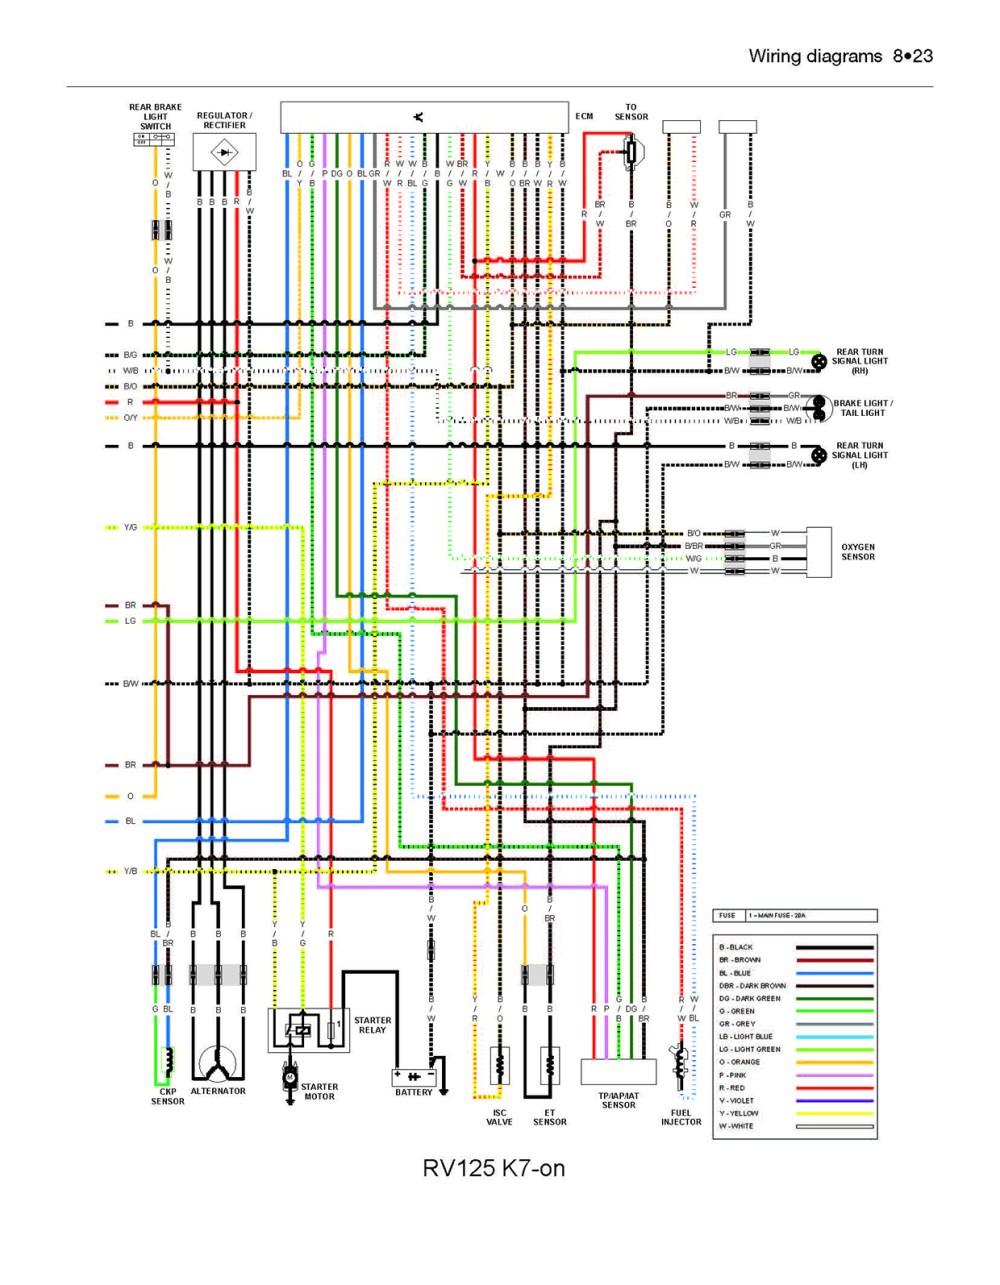 medium resolution of suzuki rv 125 wiring diagram wiring diagram with description 1974 suzuki gt380 wiring diagram suzuki gt250